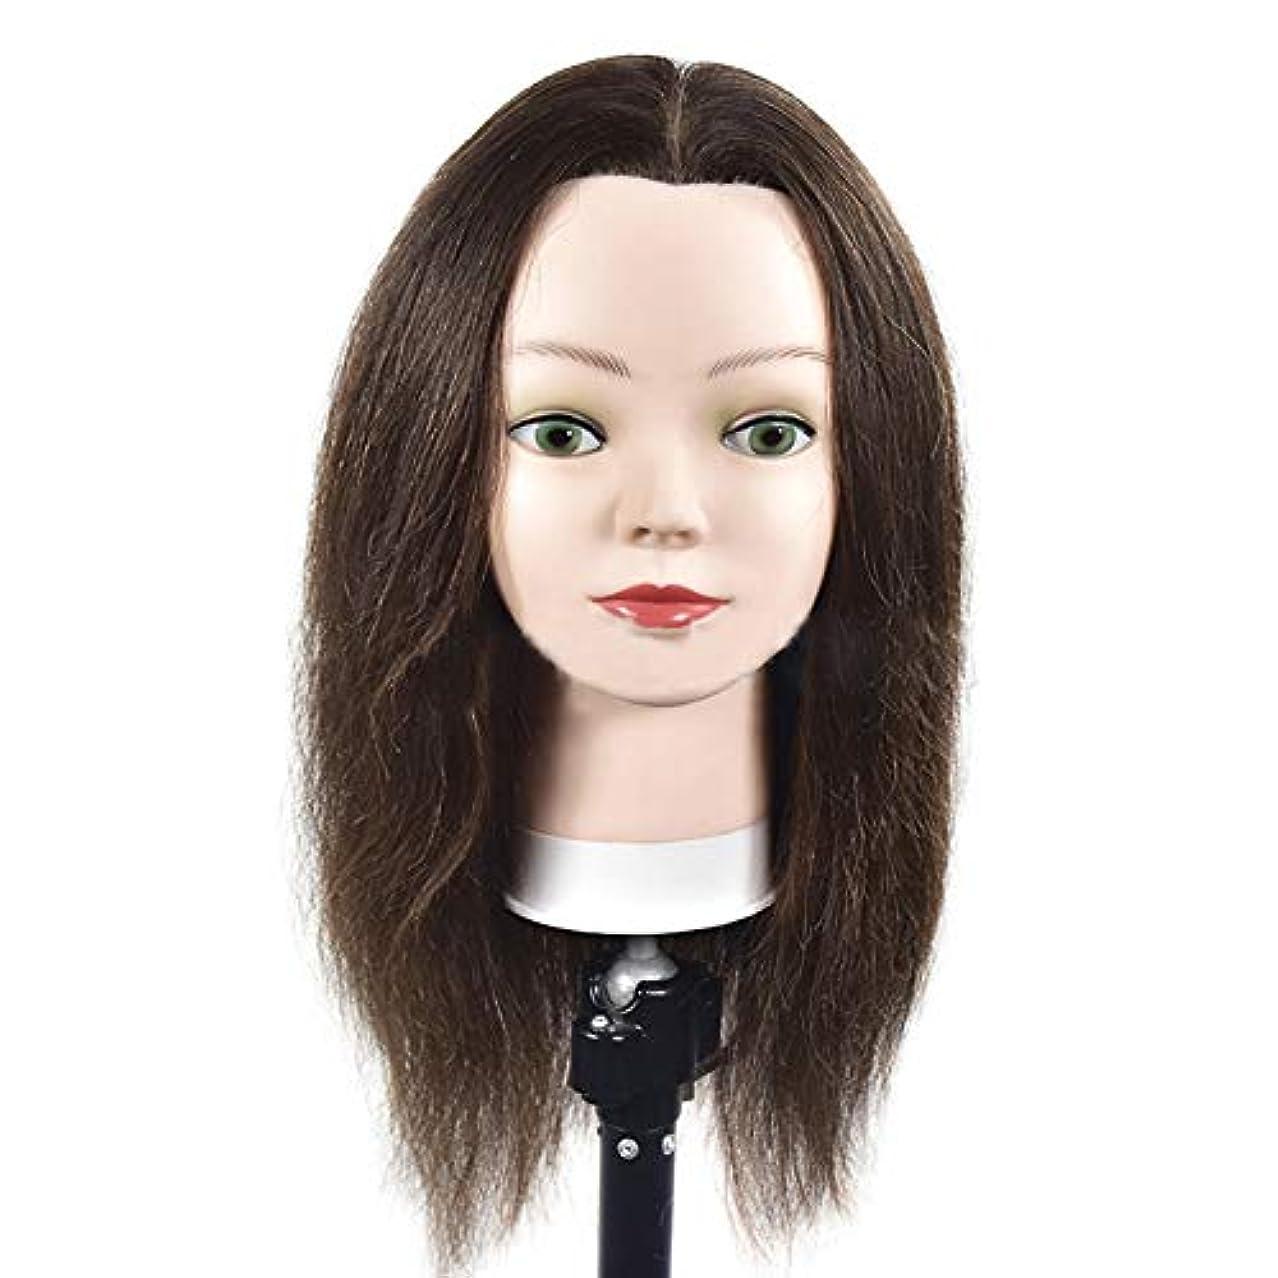 教レクリエーション実験室サロン髪編組理髪指導ヘッドスタイリング散髪ダミーヘッド化粧学習マネキンヘッド